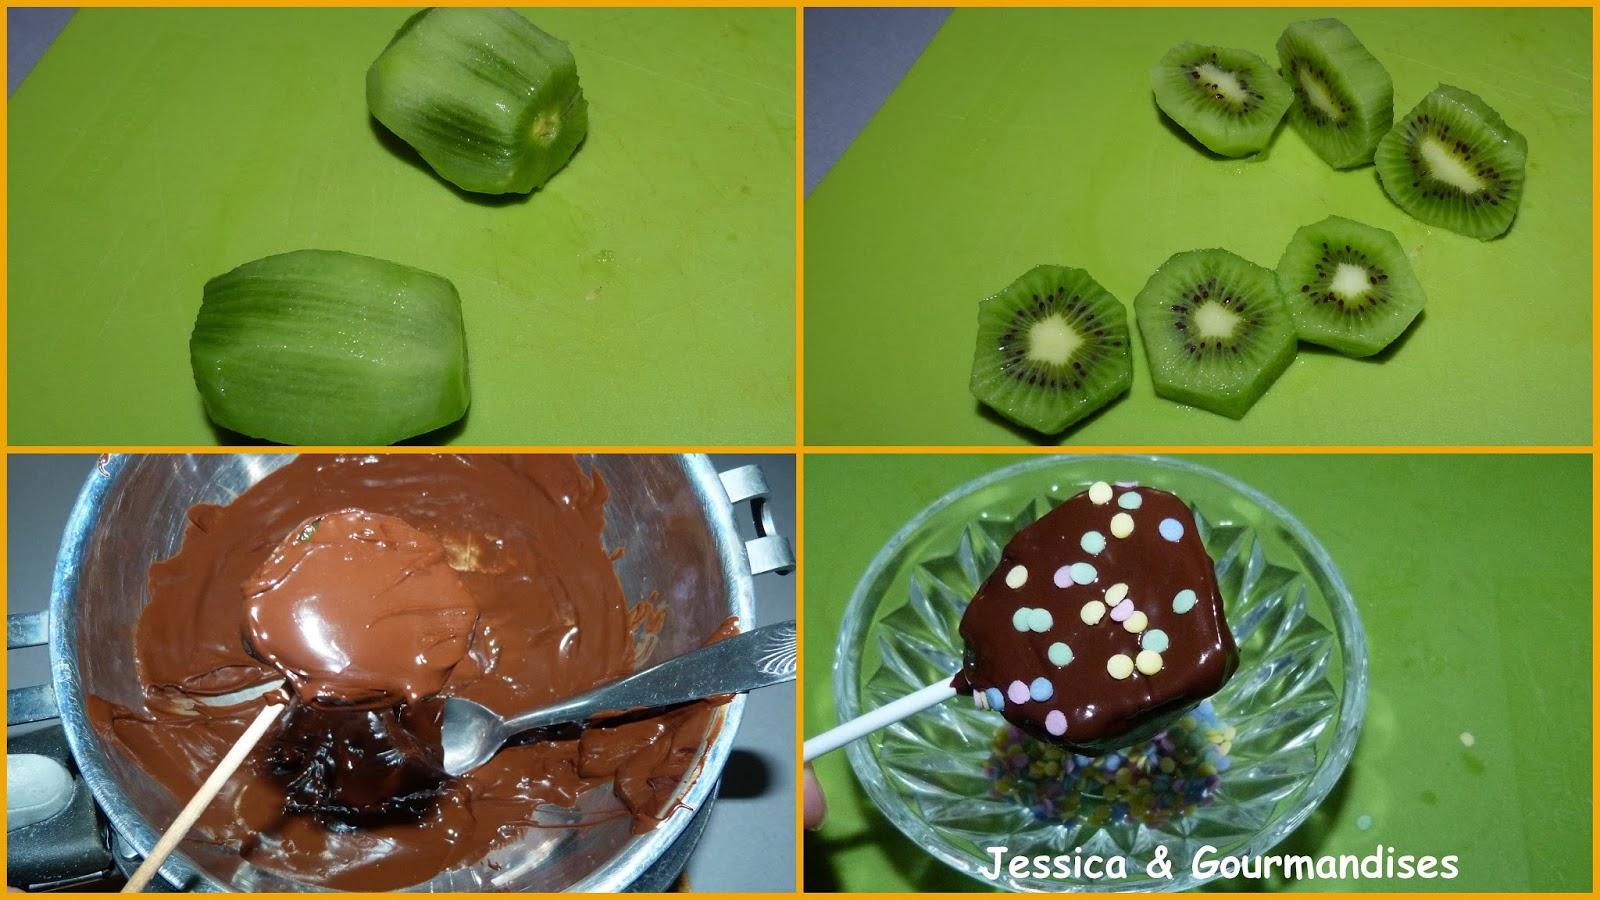 Jessica gourmandises sucette de kiwi au chocolat - Sucette au chocolat ...